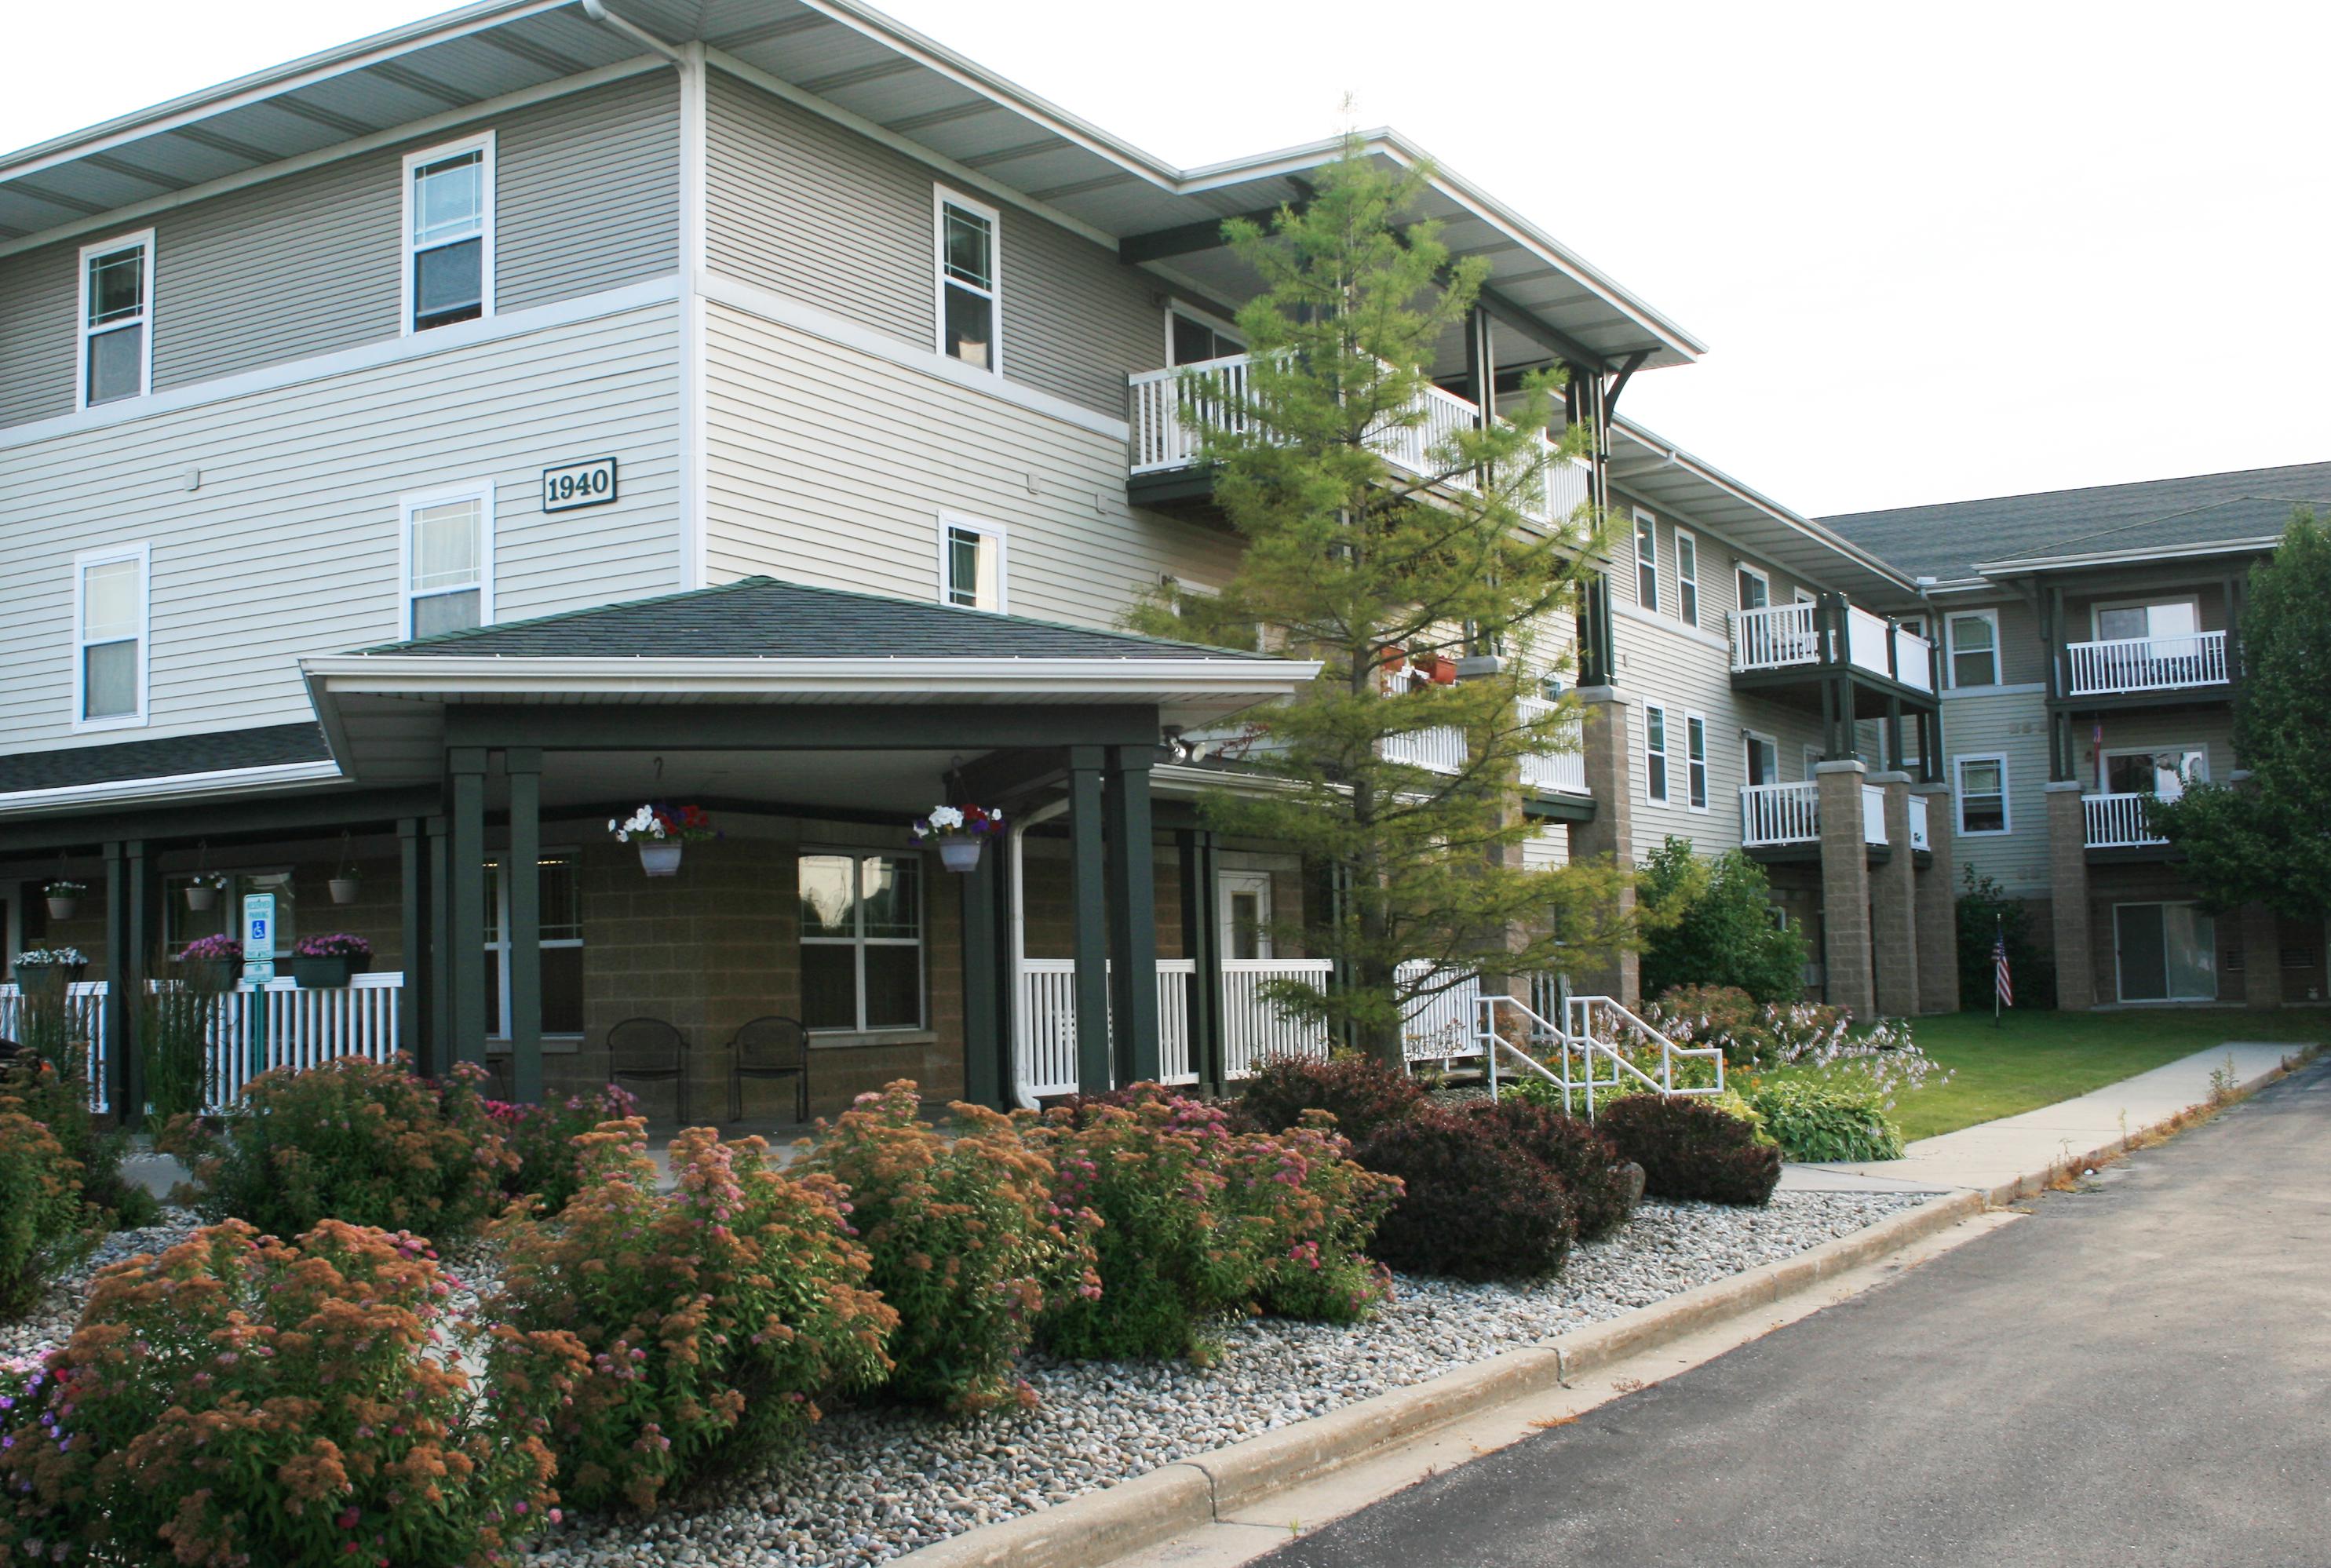 Villa Ciera Senior Apartments image 0